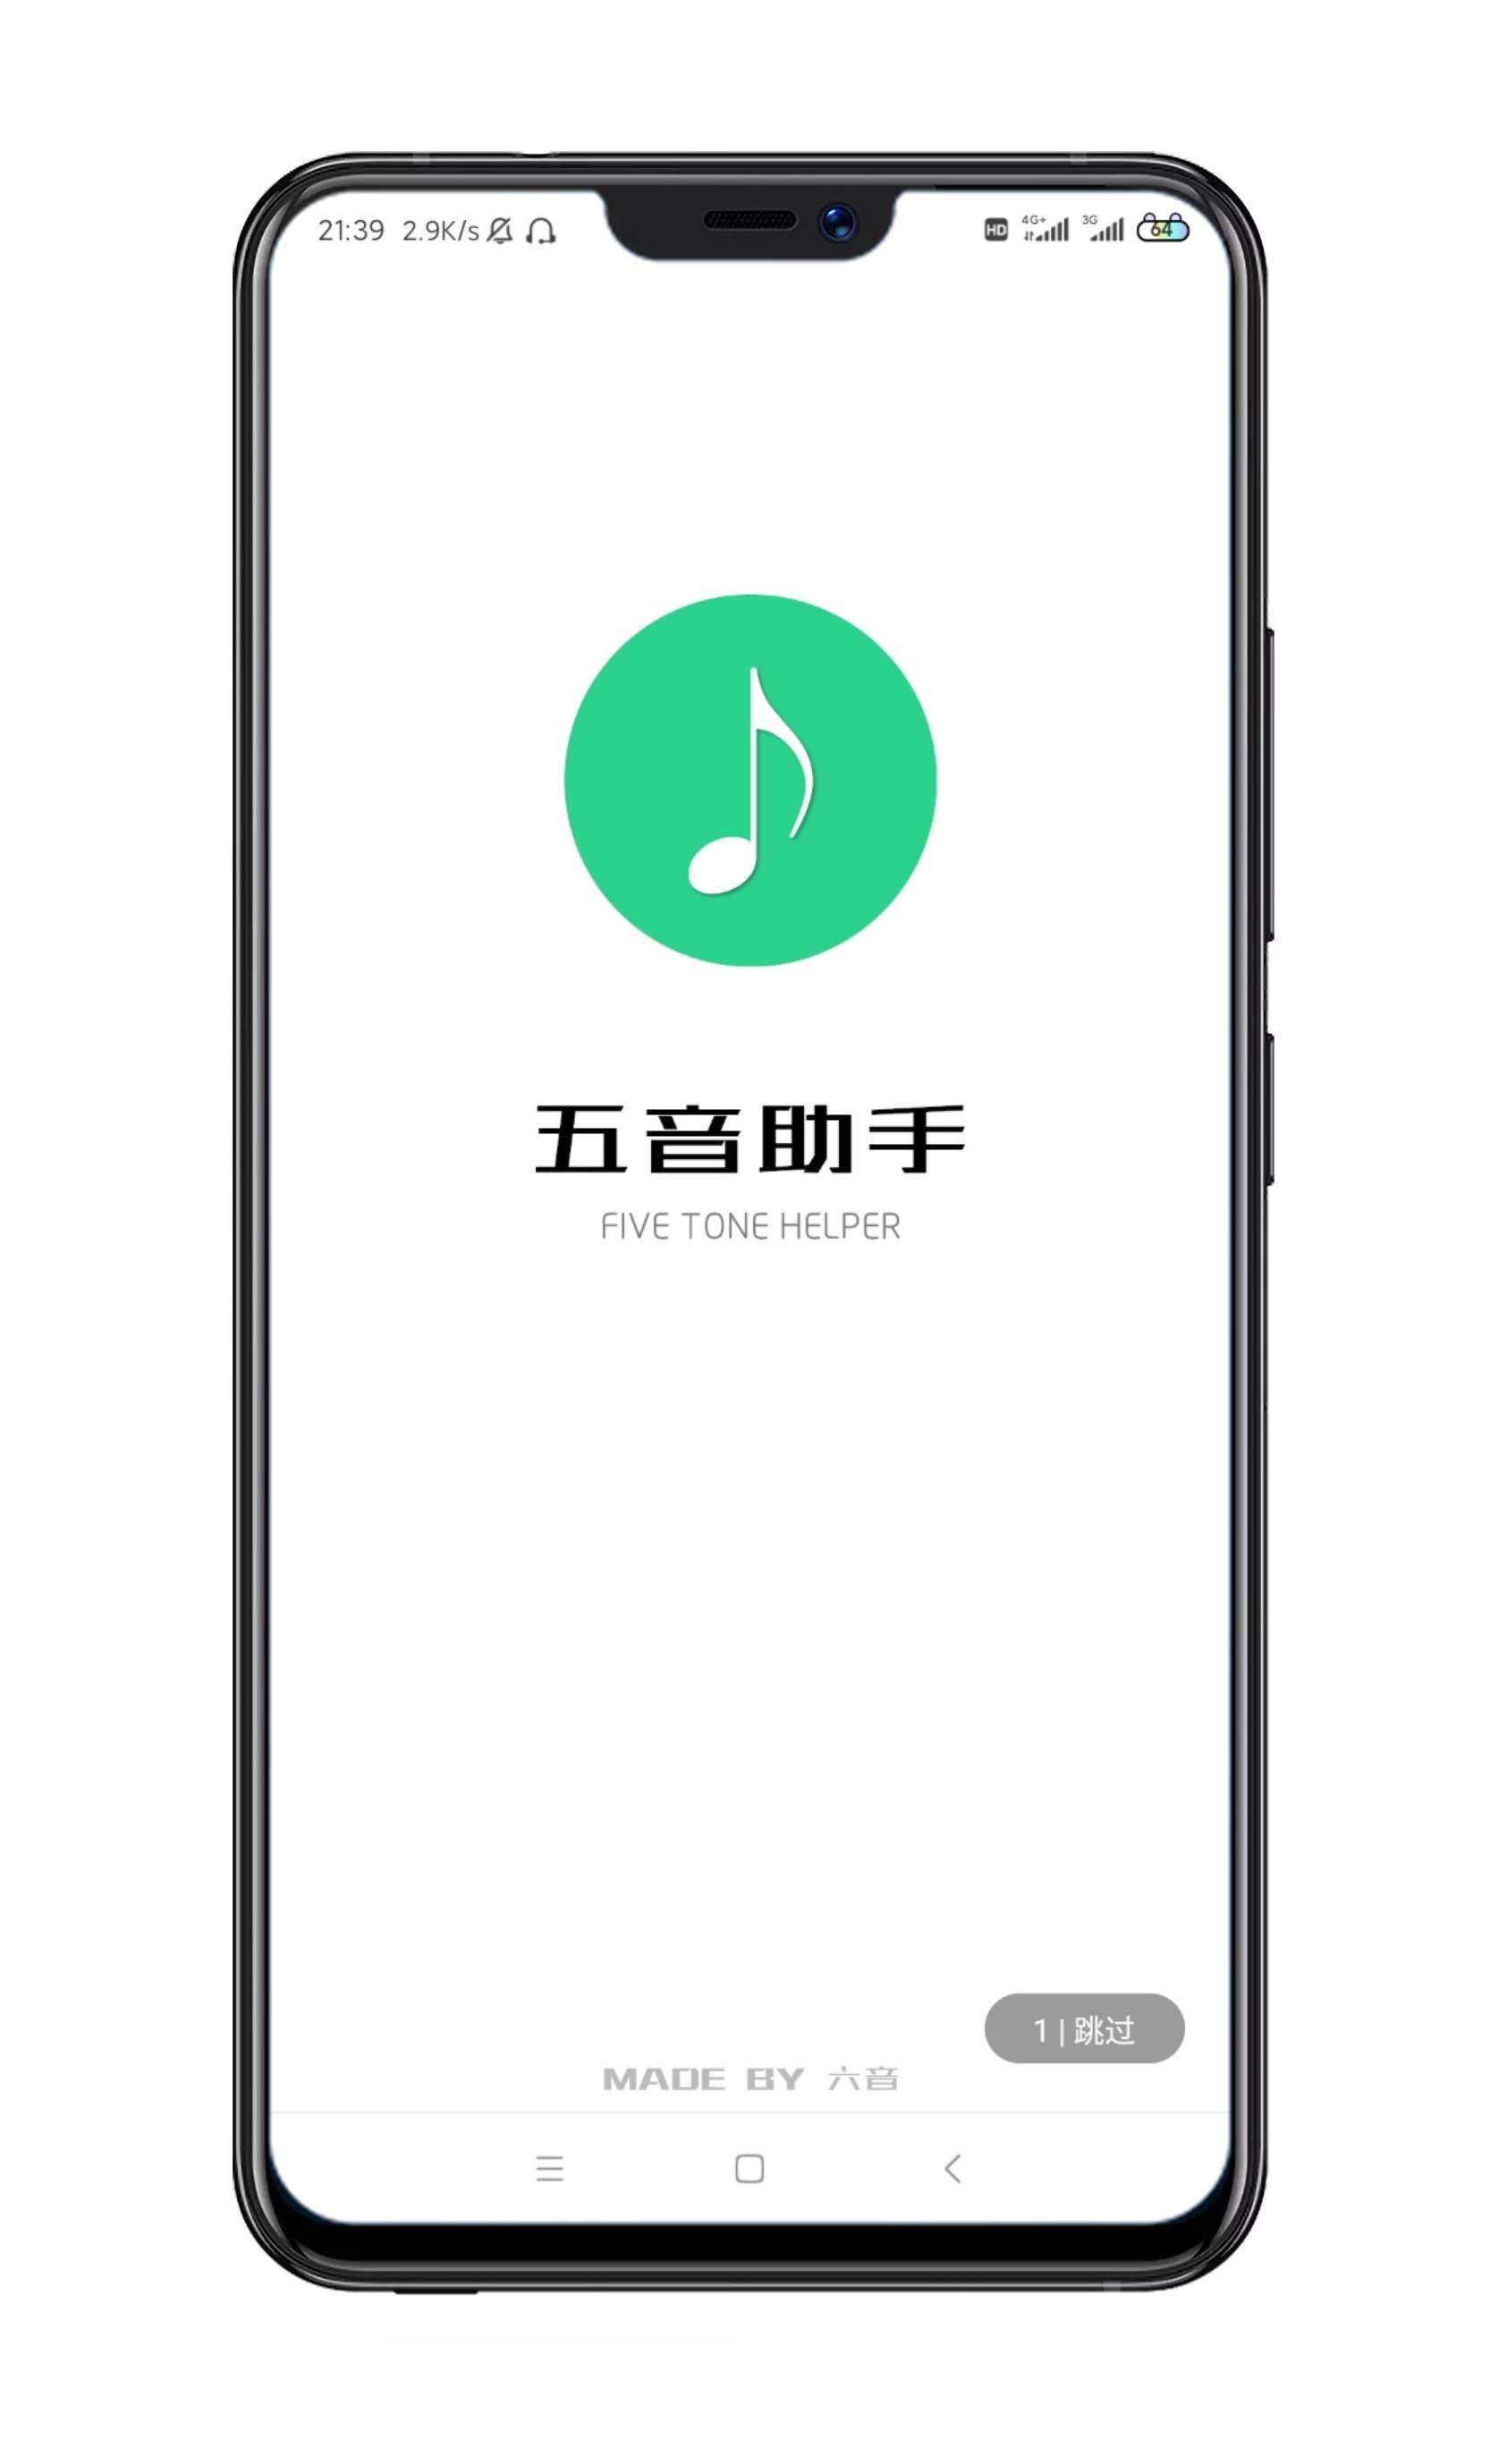 【资源分享】五音助手(无需登陆,免费下载无损音质,超多音源)